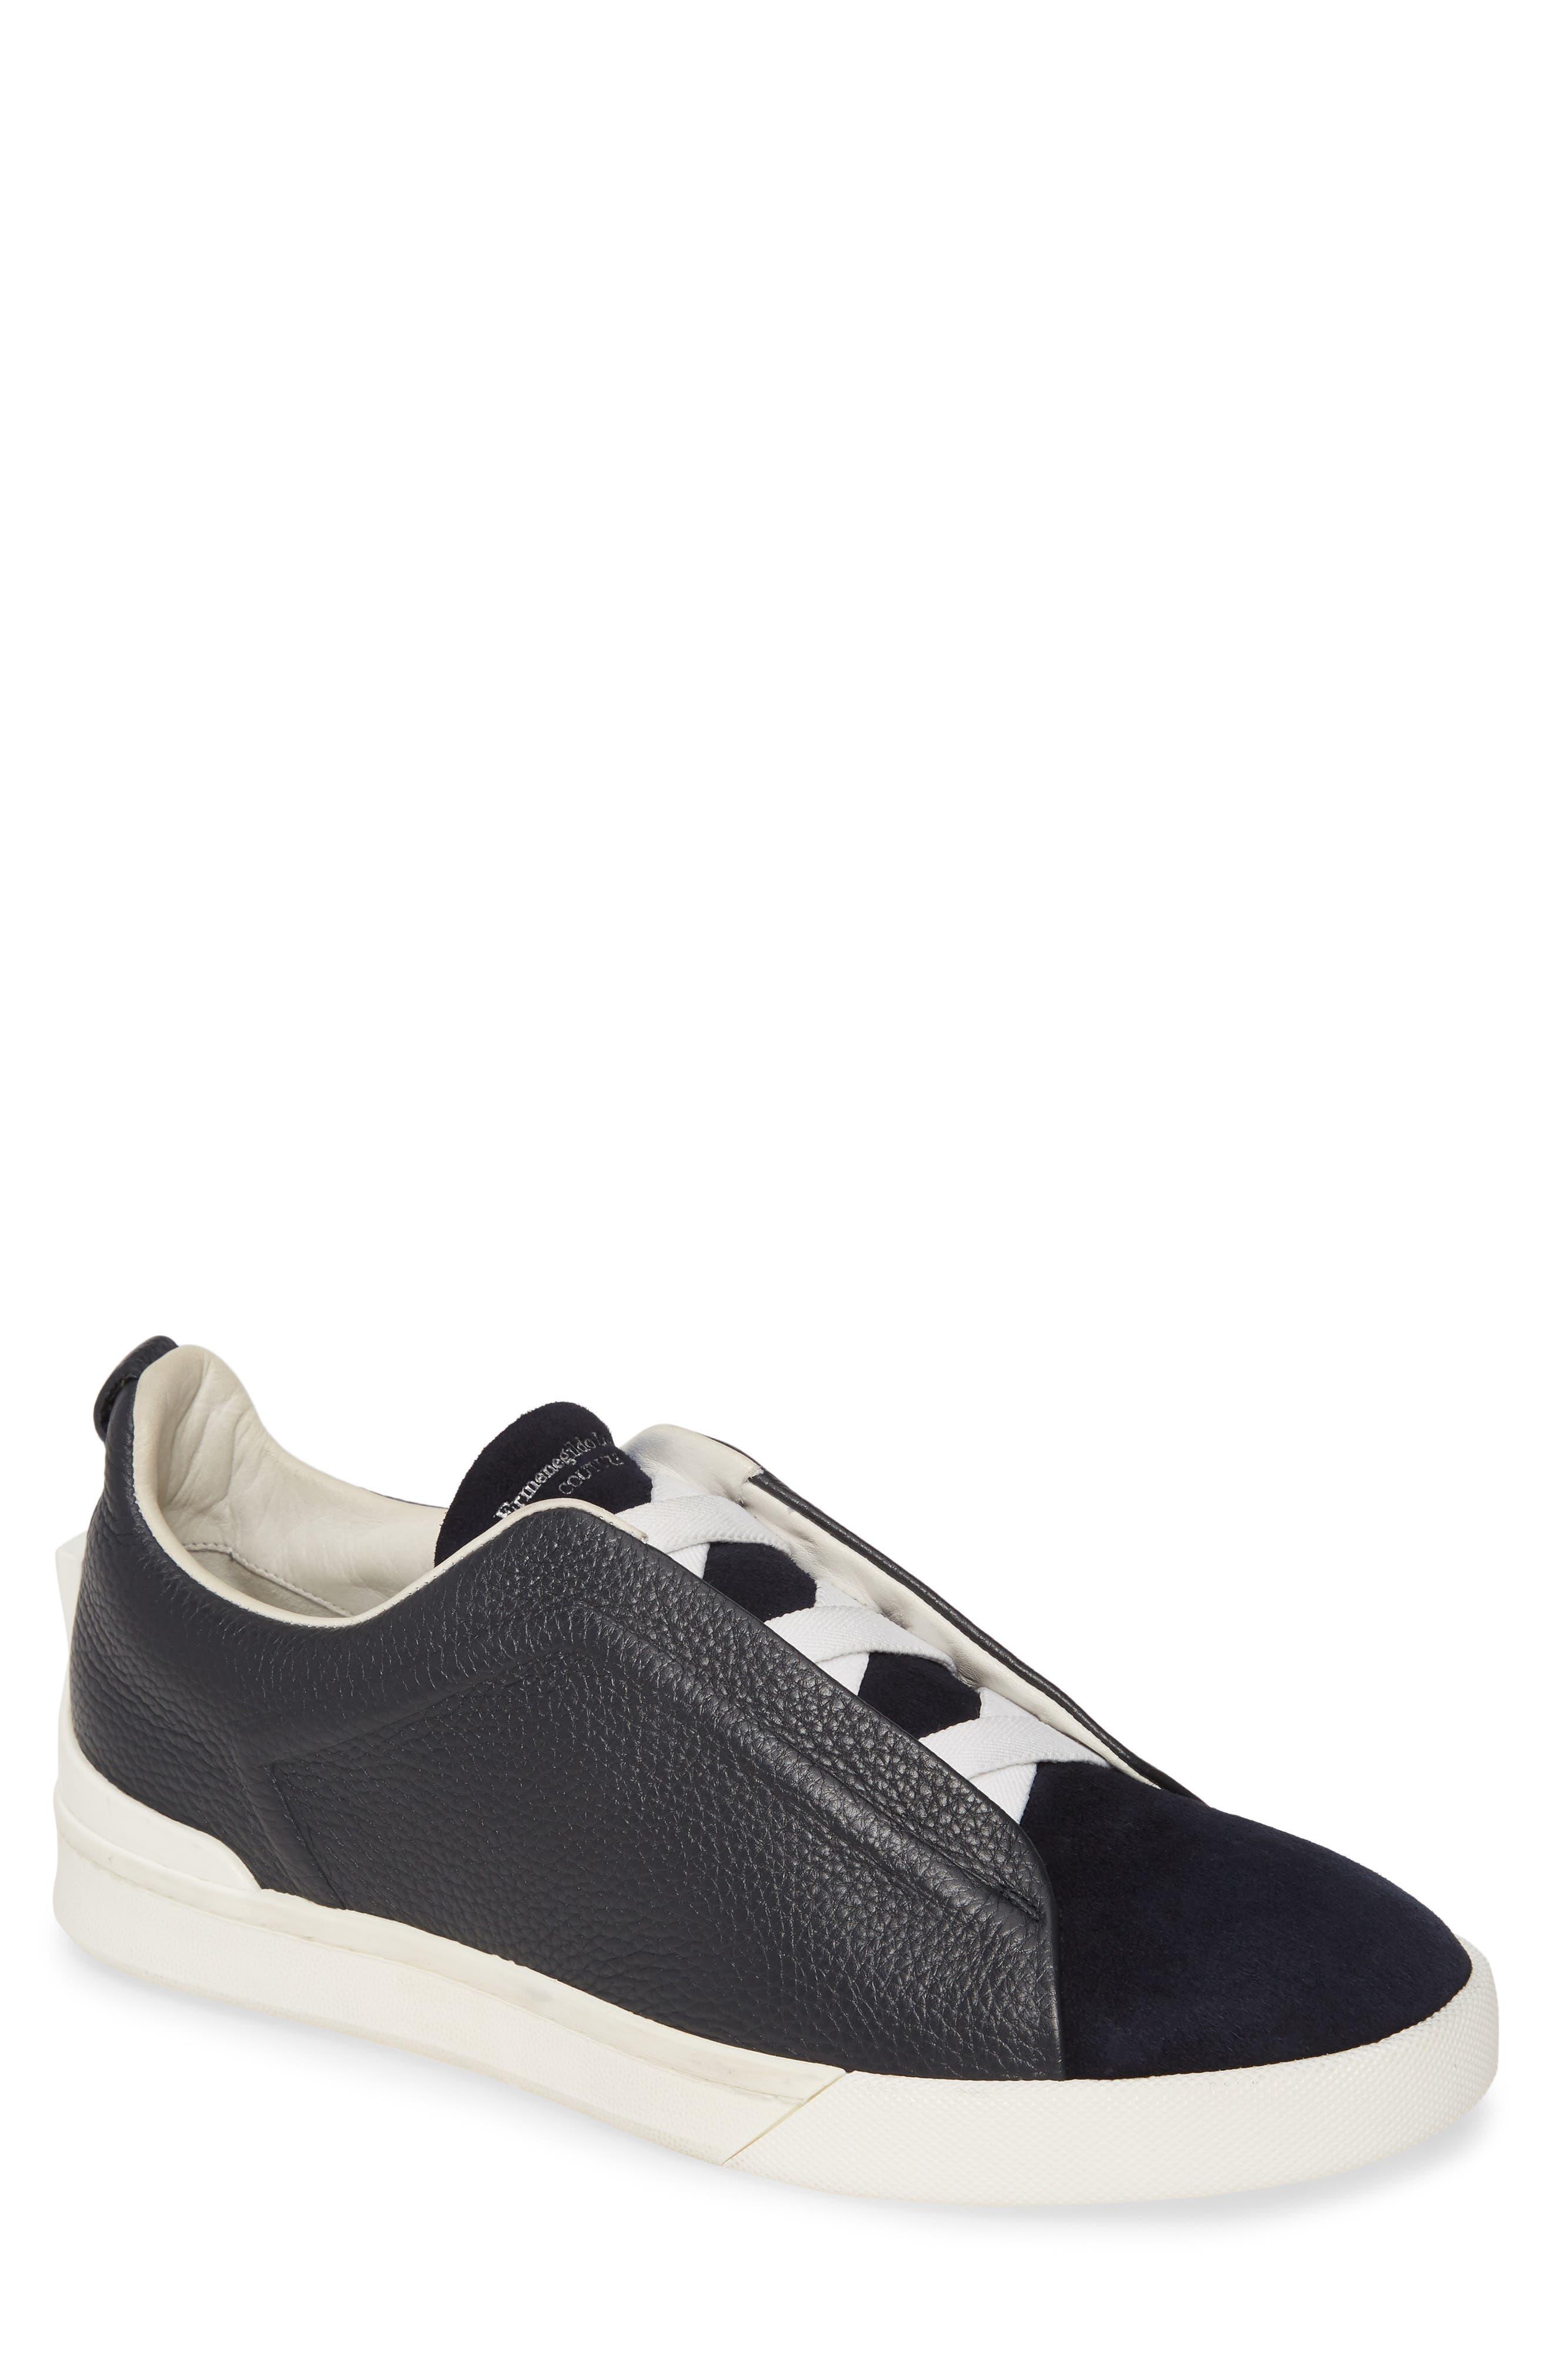 Ermenegildo Zegna Slip-On Sneaker (Men